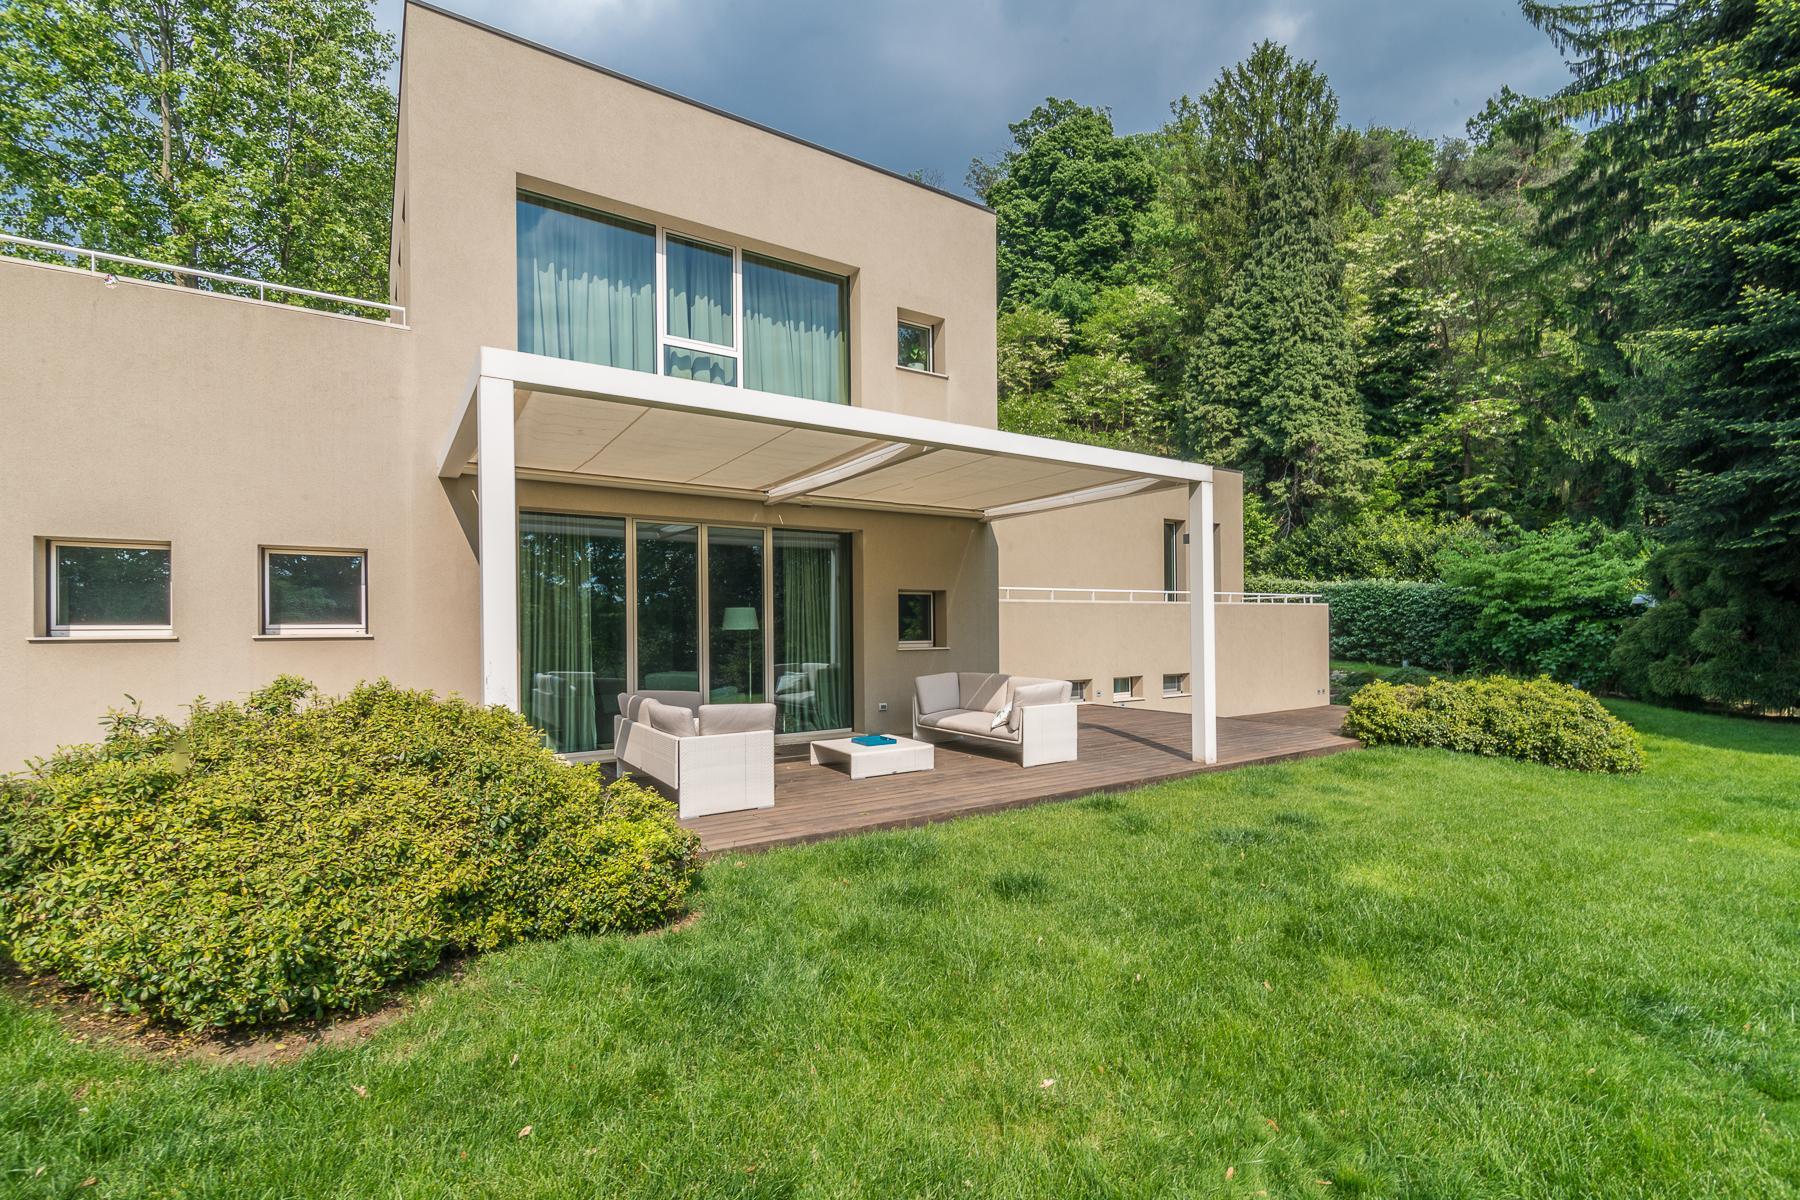 Villa di design eco sostenibile sul Lago Maggiore - 7